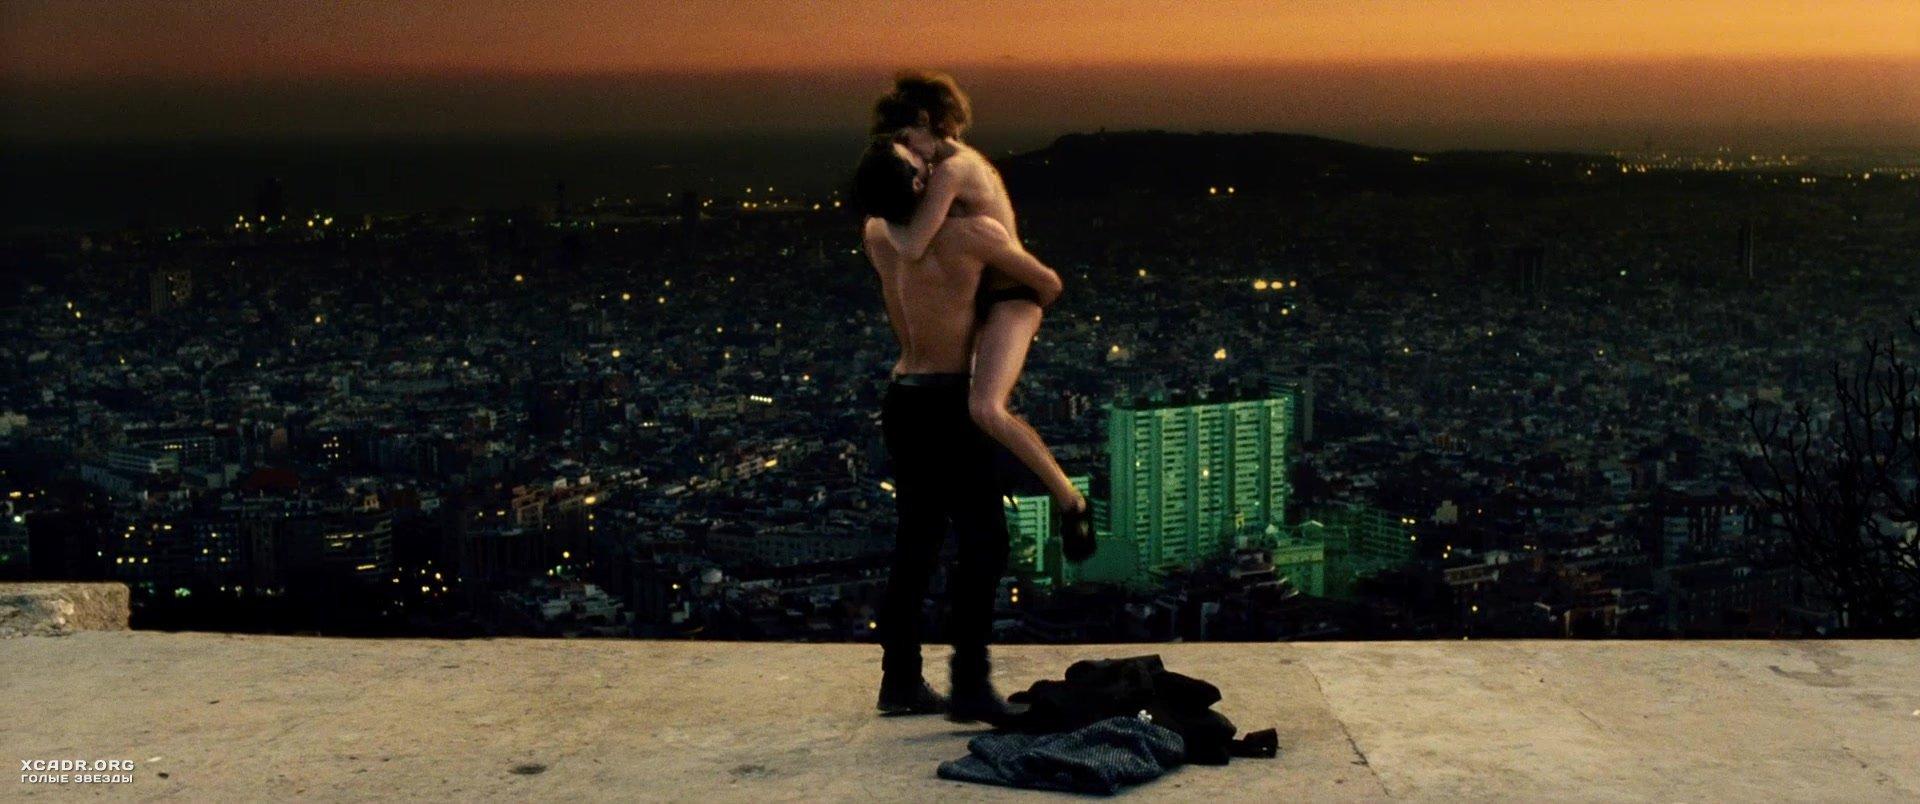 пожалуйста ситуации фильм три метра над уровнем неба эротические фото вздумай вечером